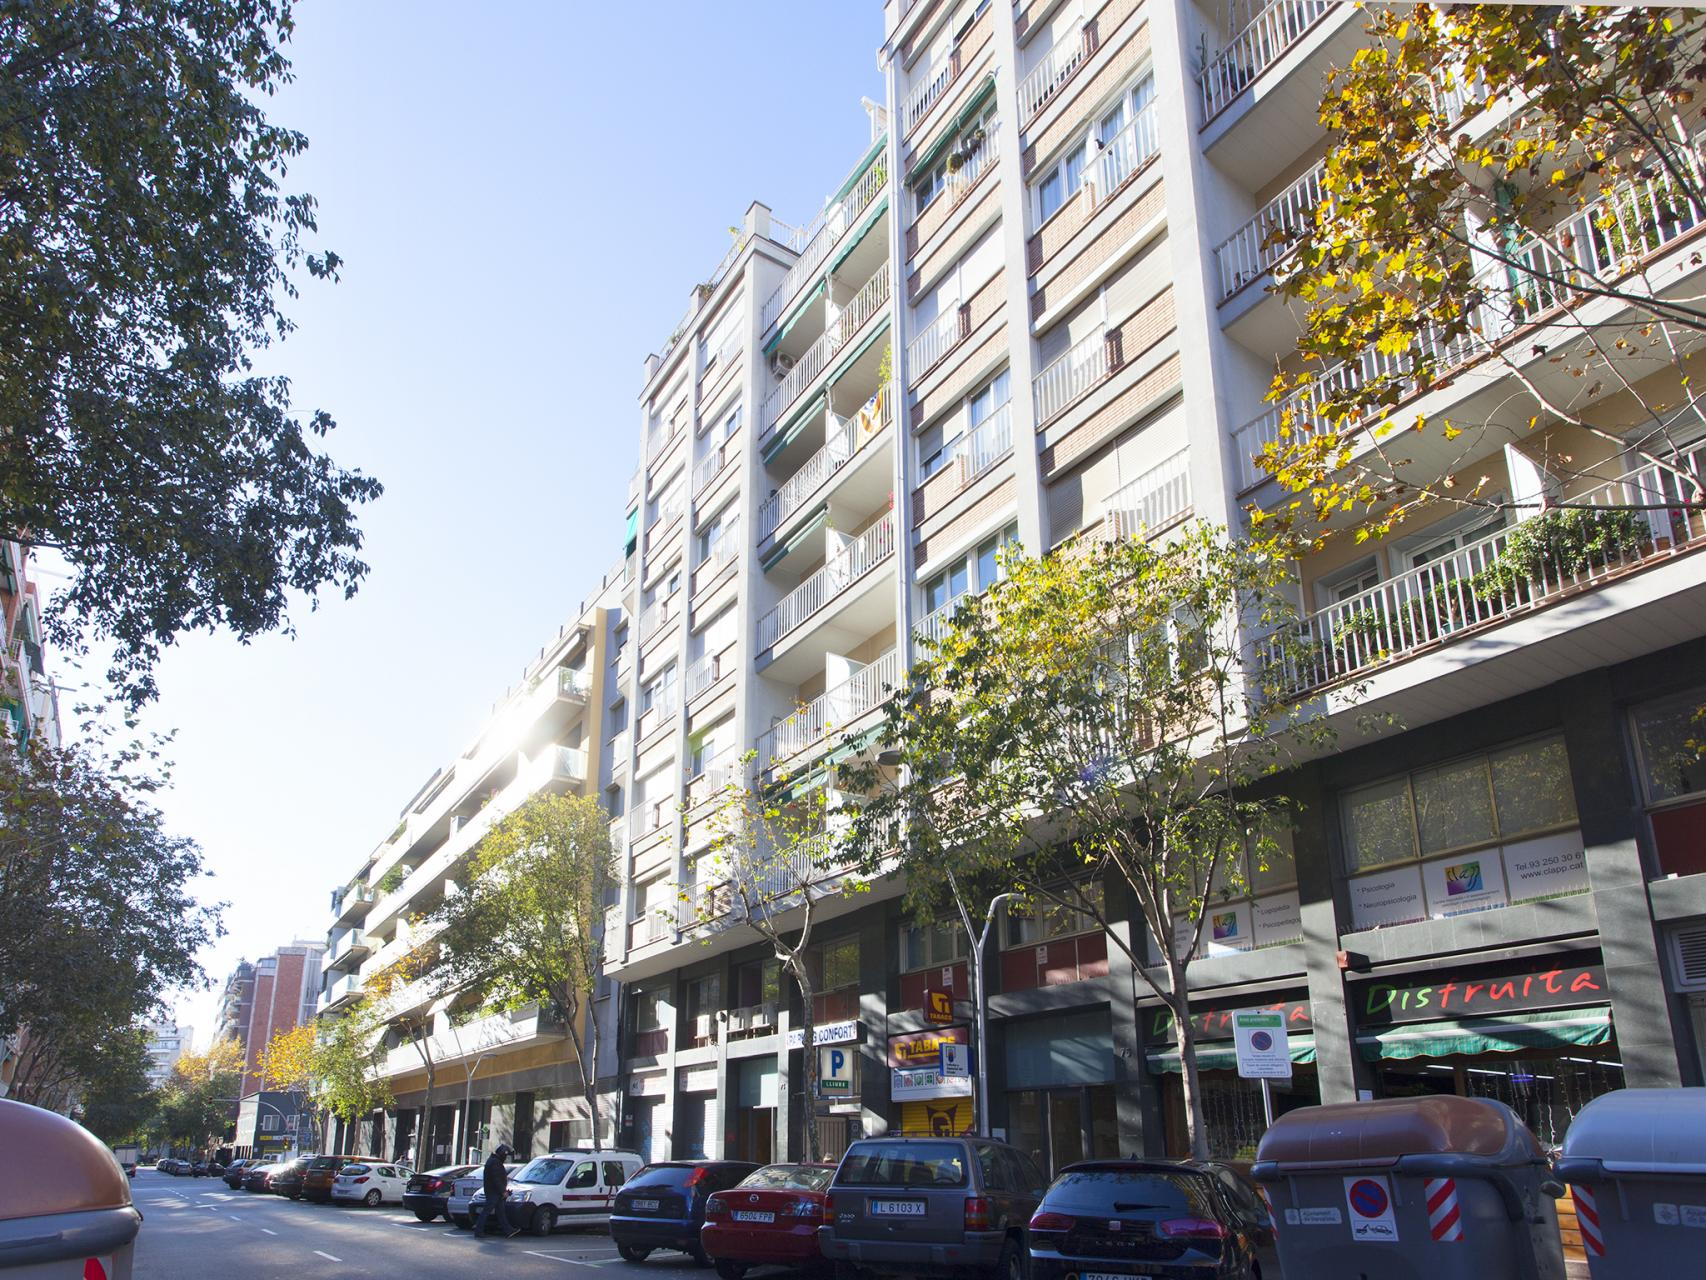 Shbarcelona apartamento vacaciones corsega rocafort - Apartamentos en barcelona vacaciones ...